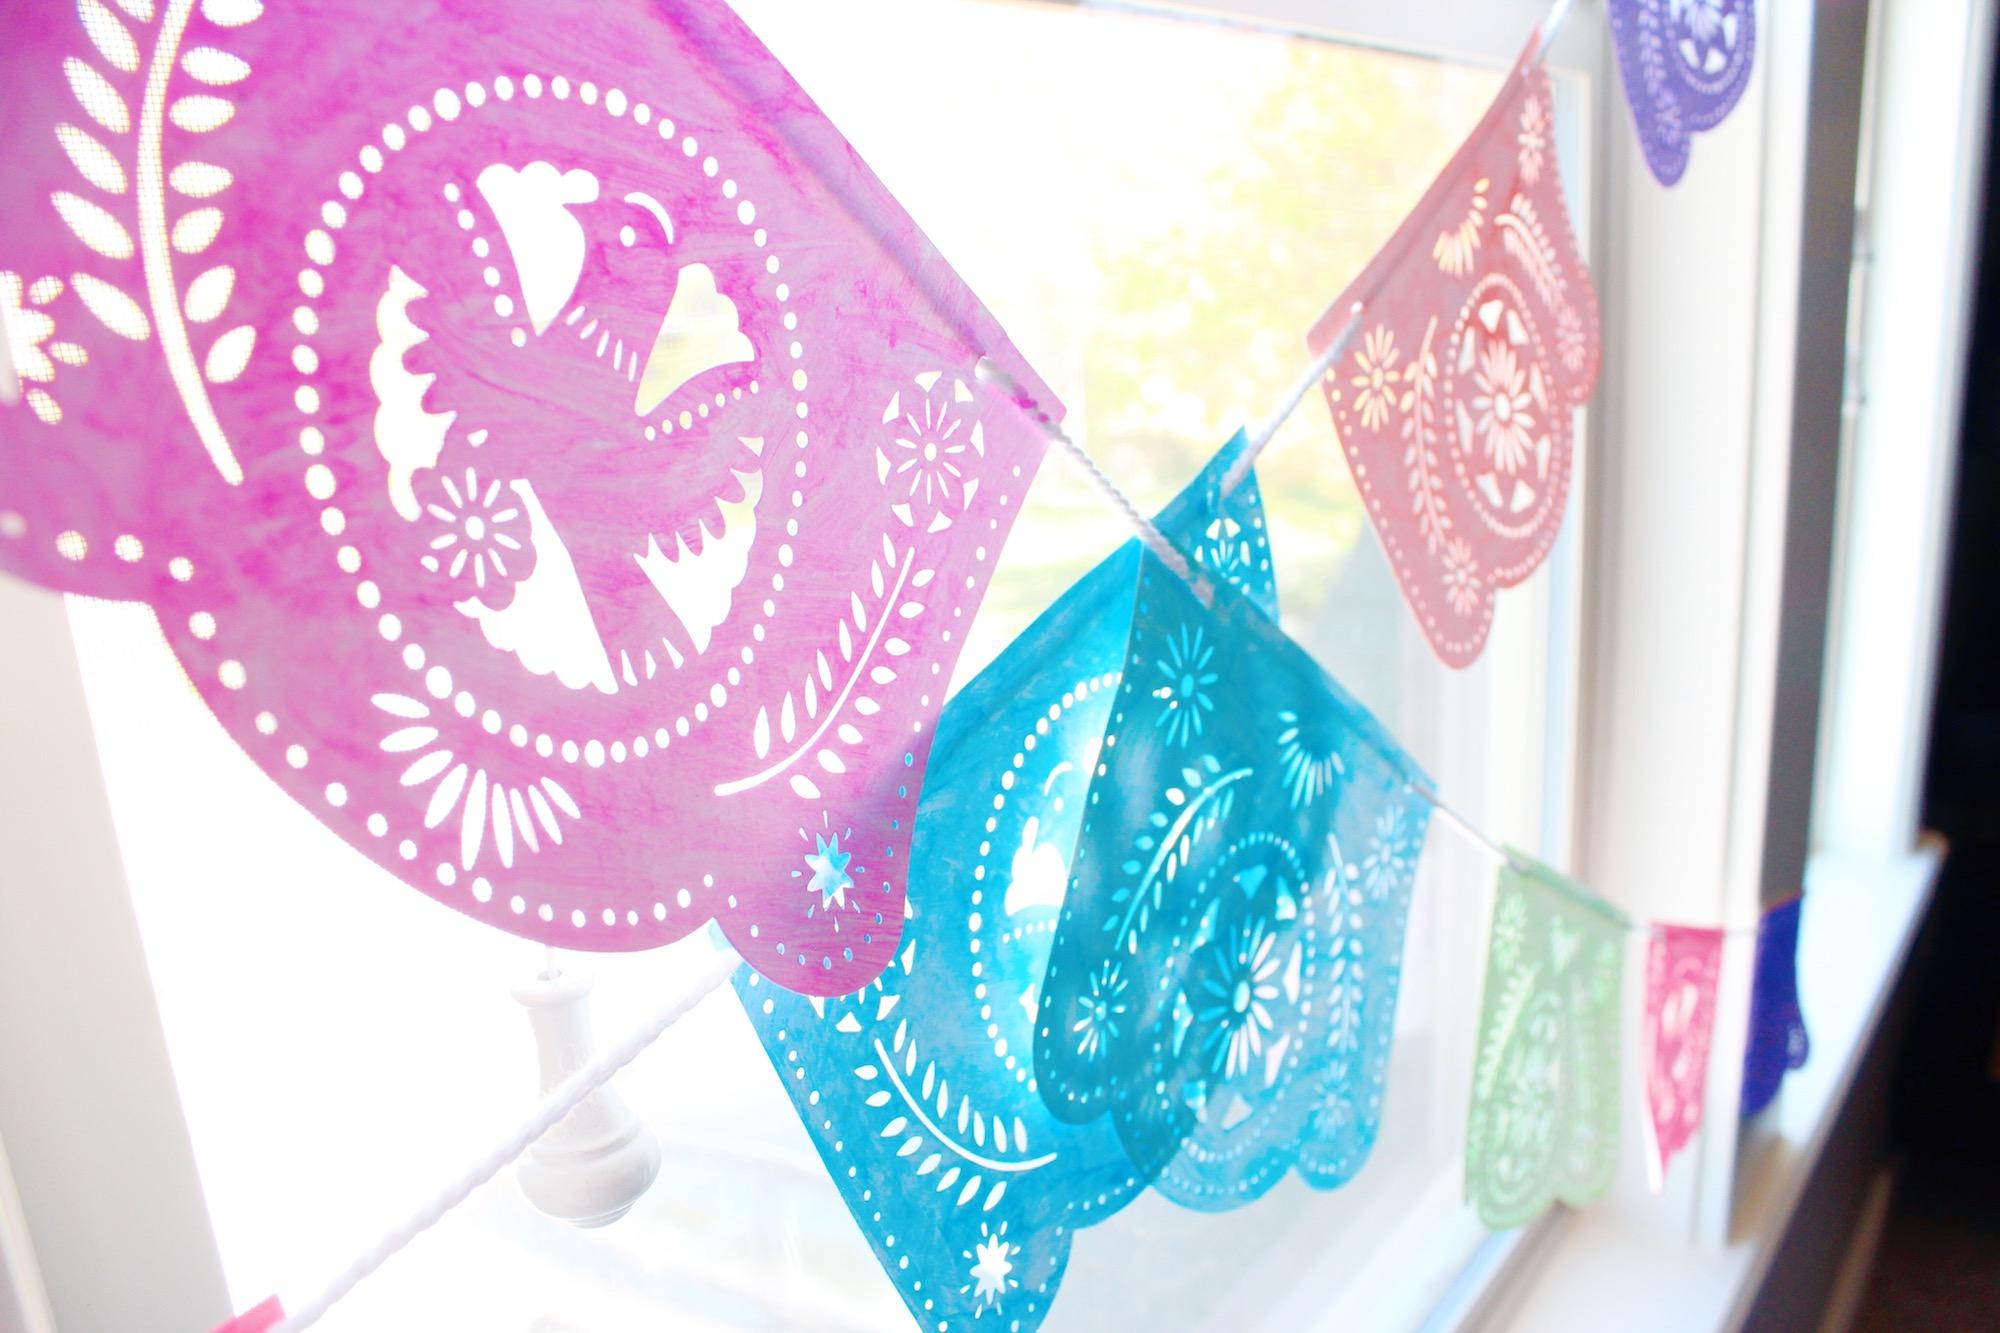 Papel Picado_Cinco de Mayo Fiesta Decorations_Design Organize Party.JPG